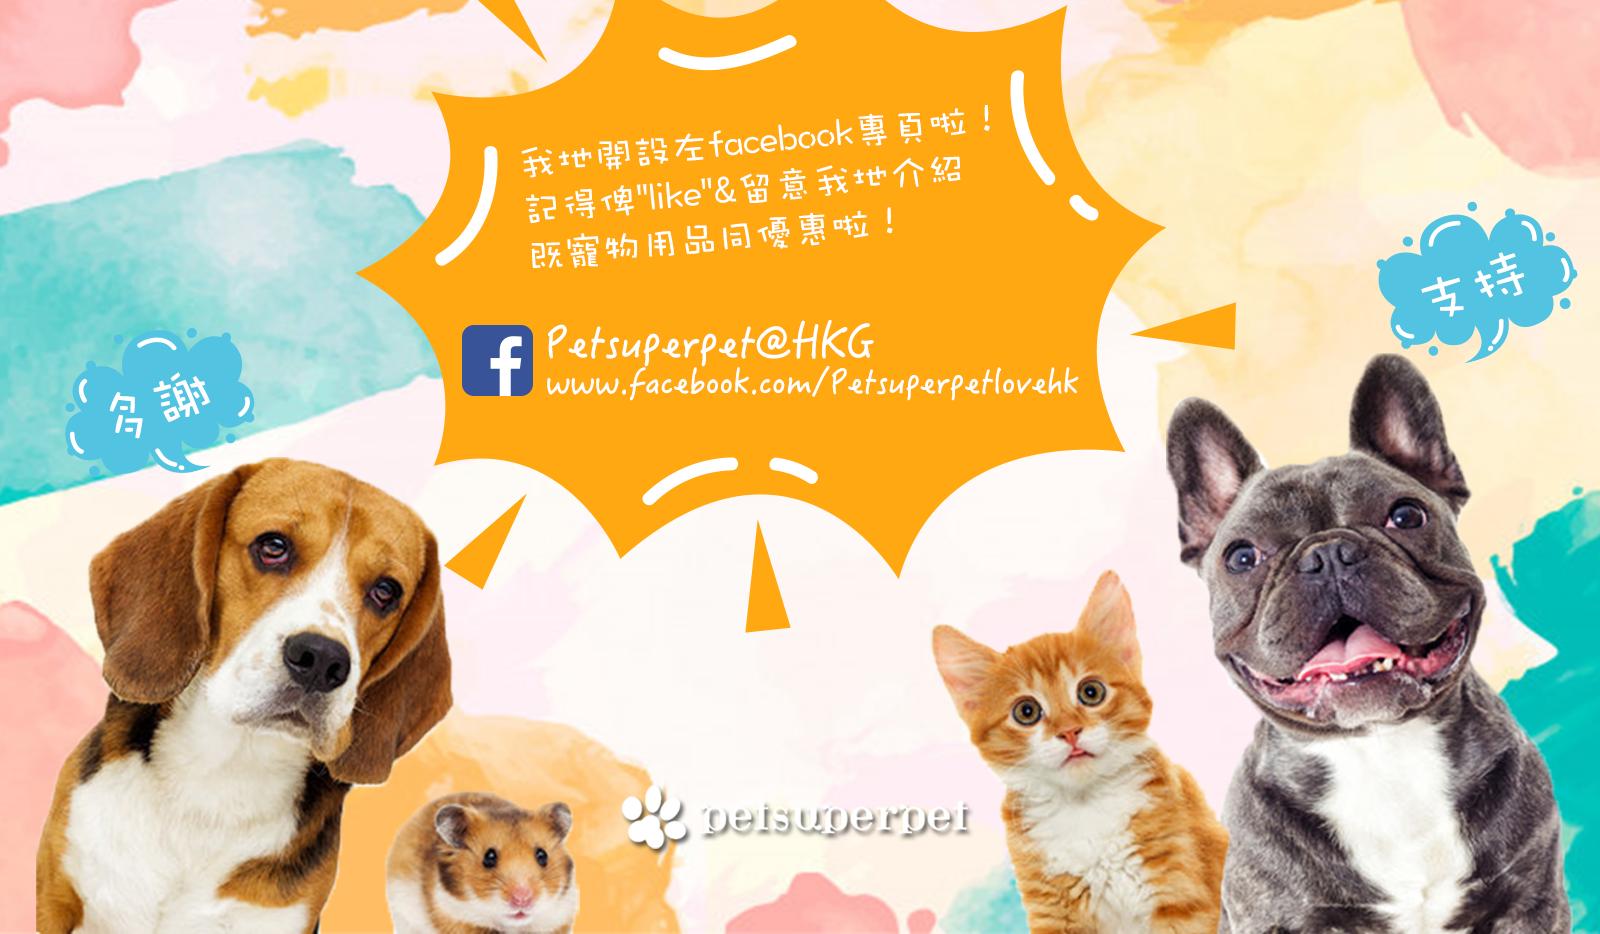 加入PSP facebook 專頁